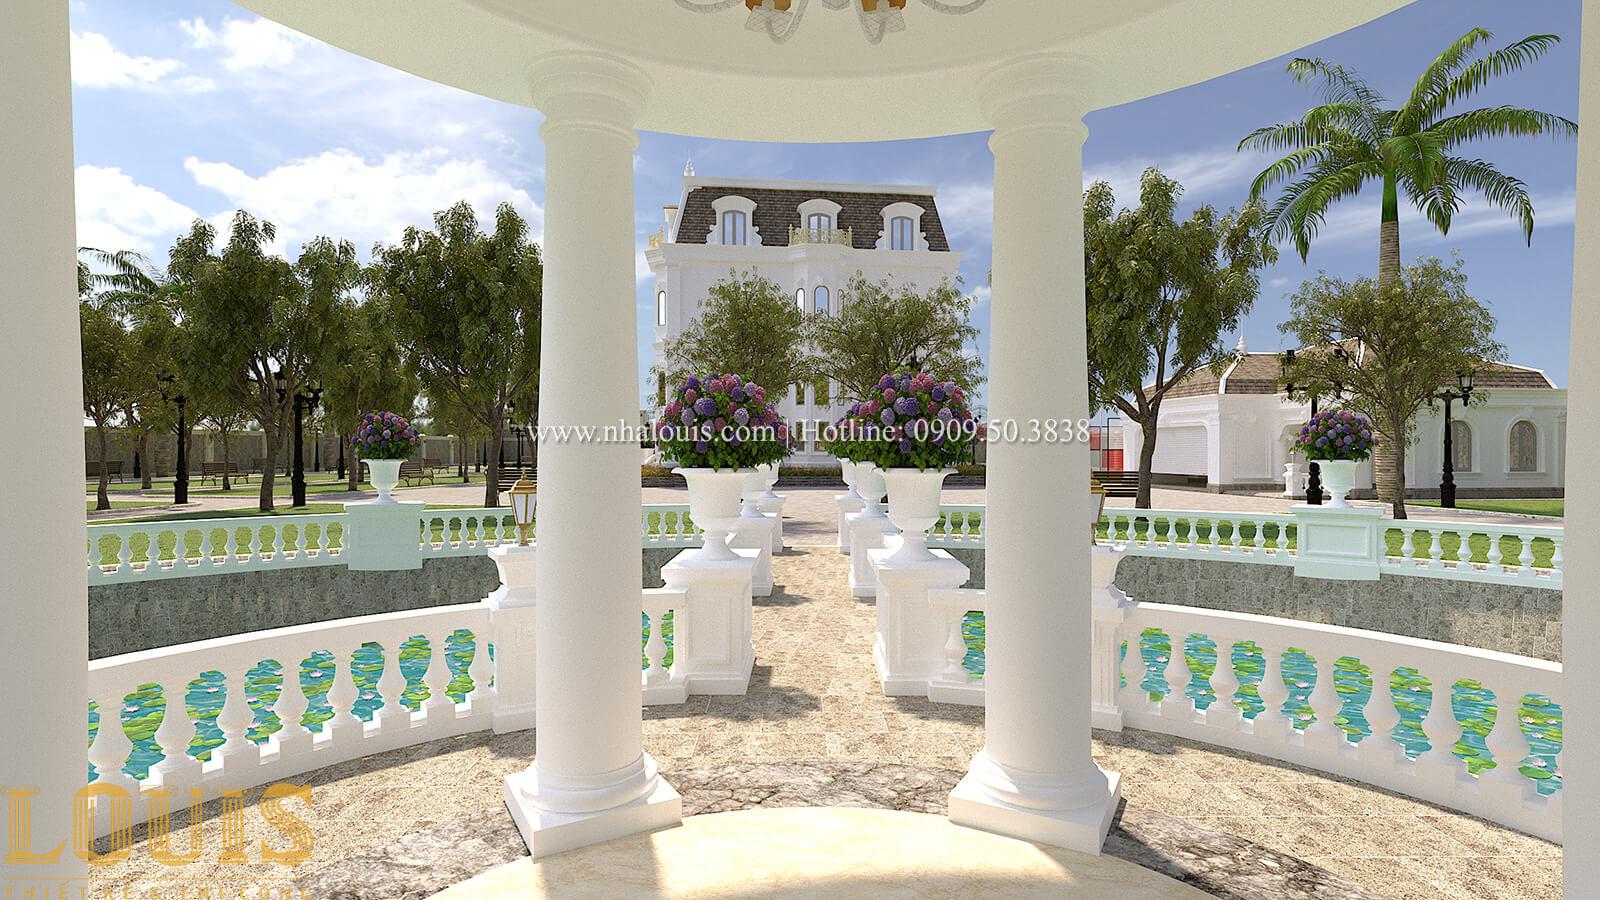 Sân vườn biệt thự cổ điển kiểu Pháp đẳng cấp tại Đồng Nai - 74